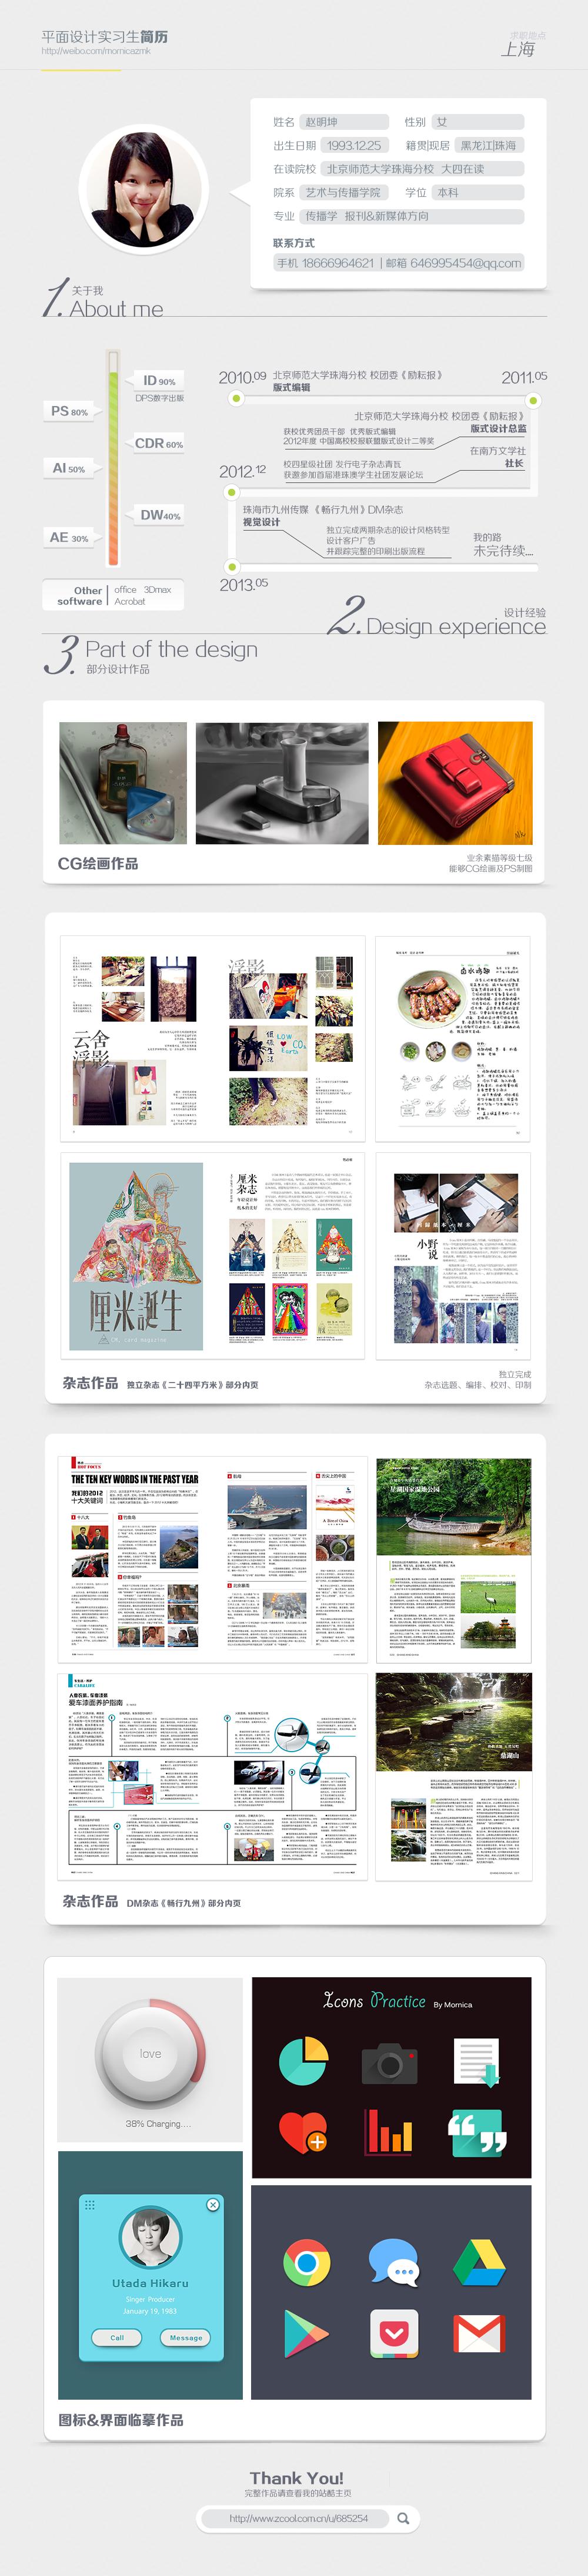 〖上海&北京&深圳〗平面/网页/UI/数据可视化设计(5人)